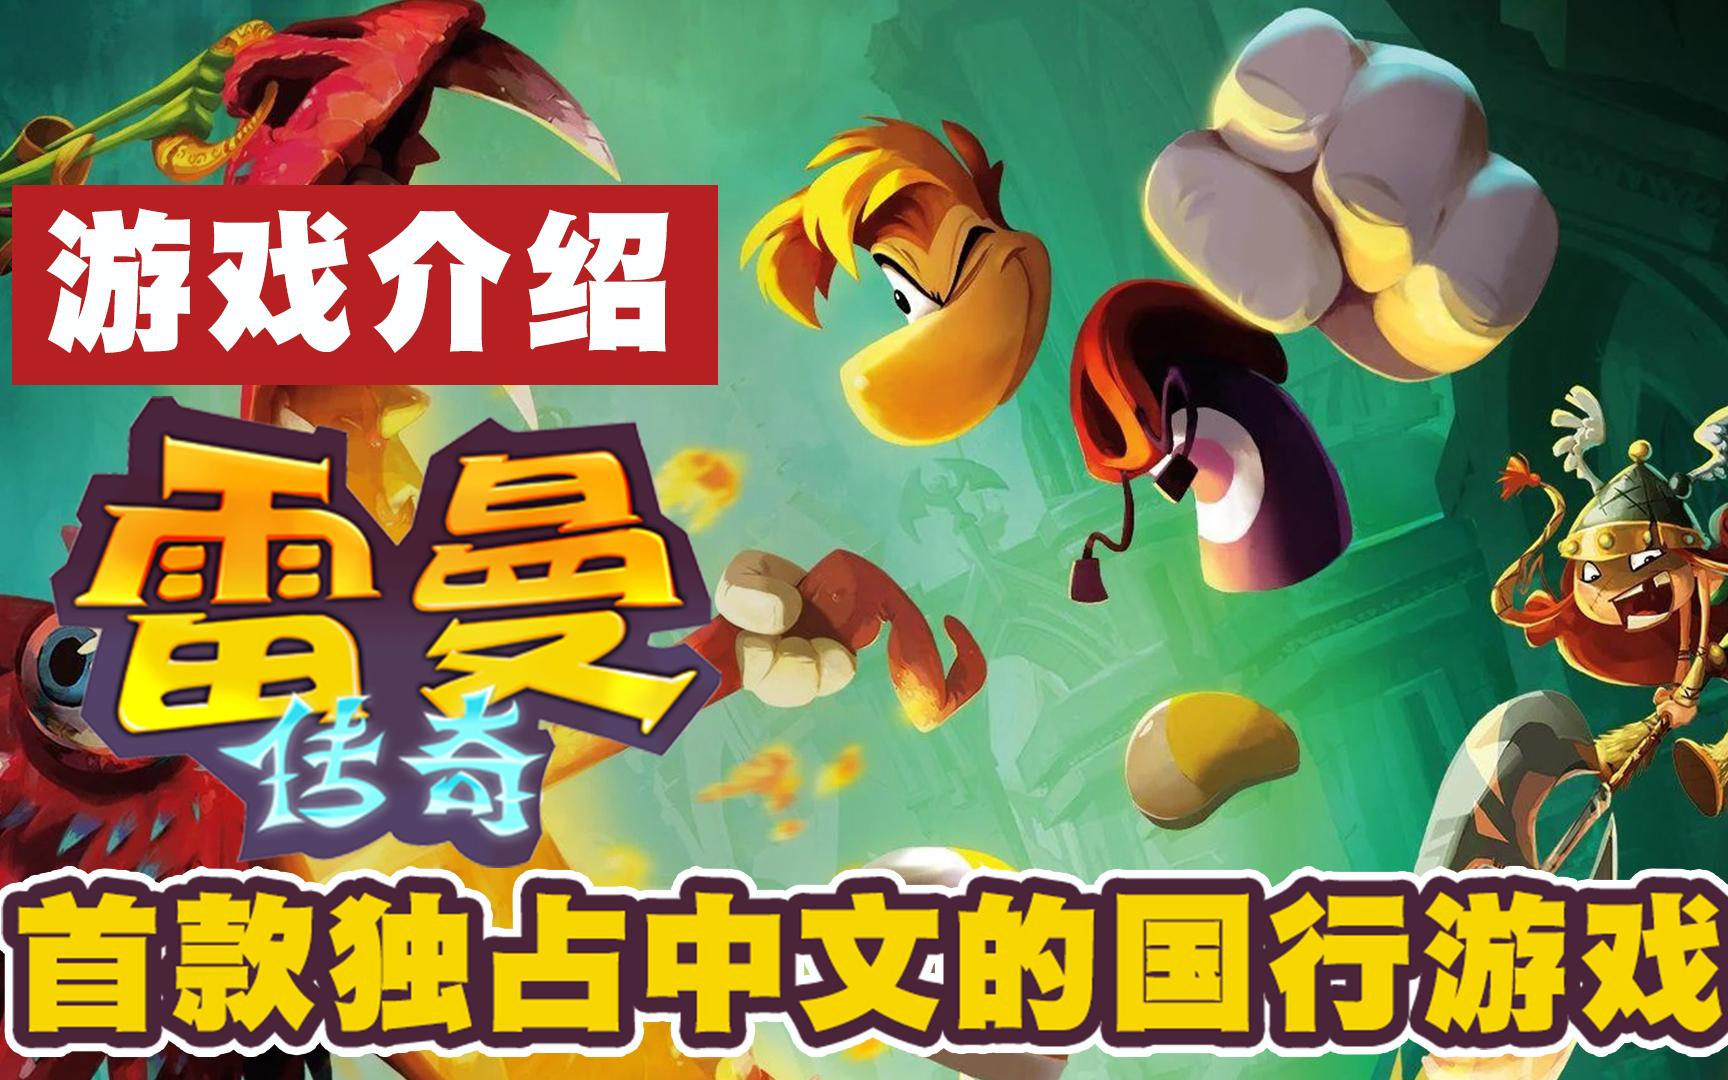 国行《雷曼:传奇终极版》介绍,首款独占中文的国行游戏